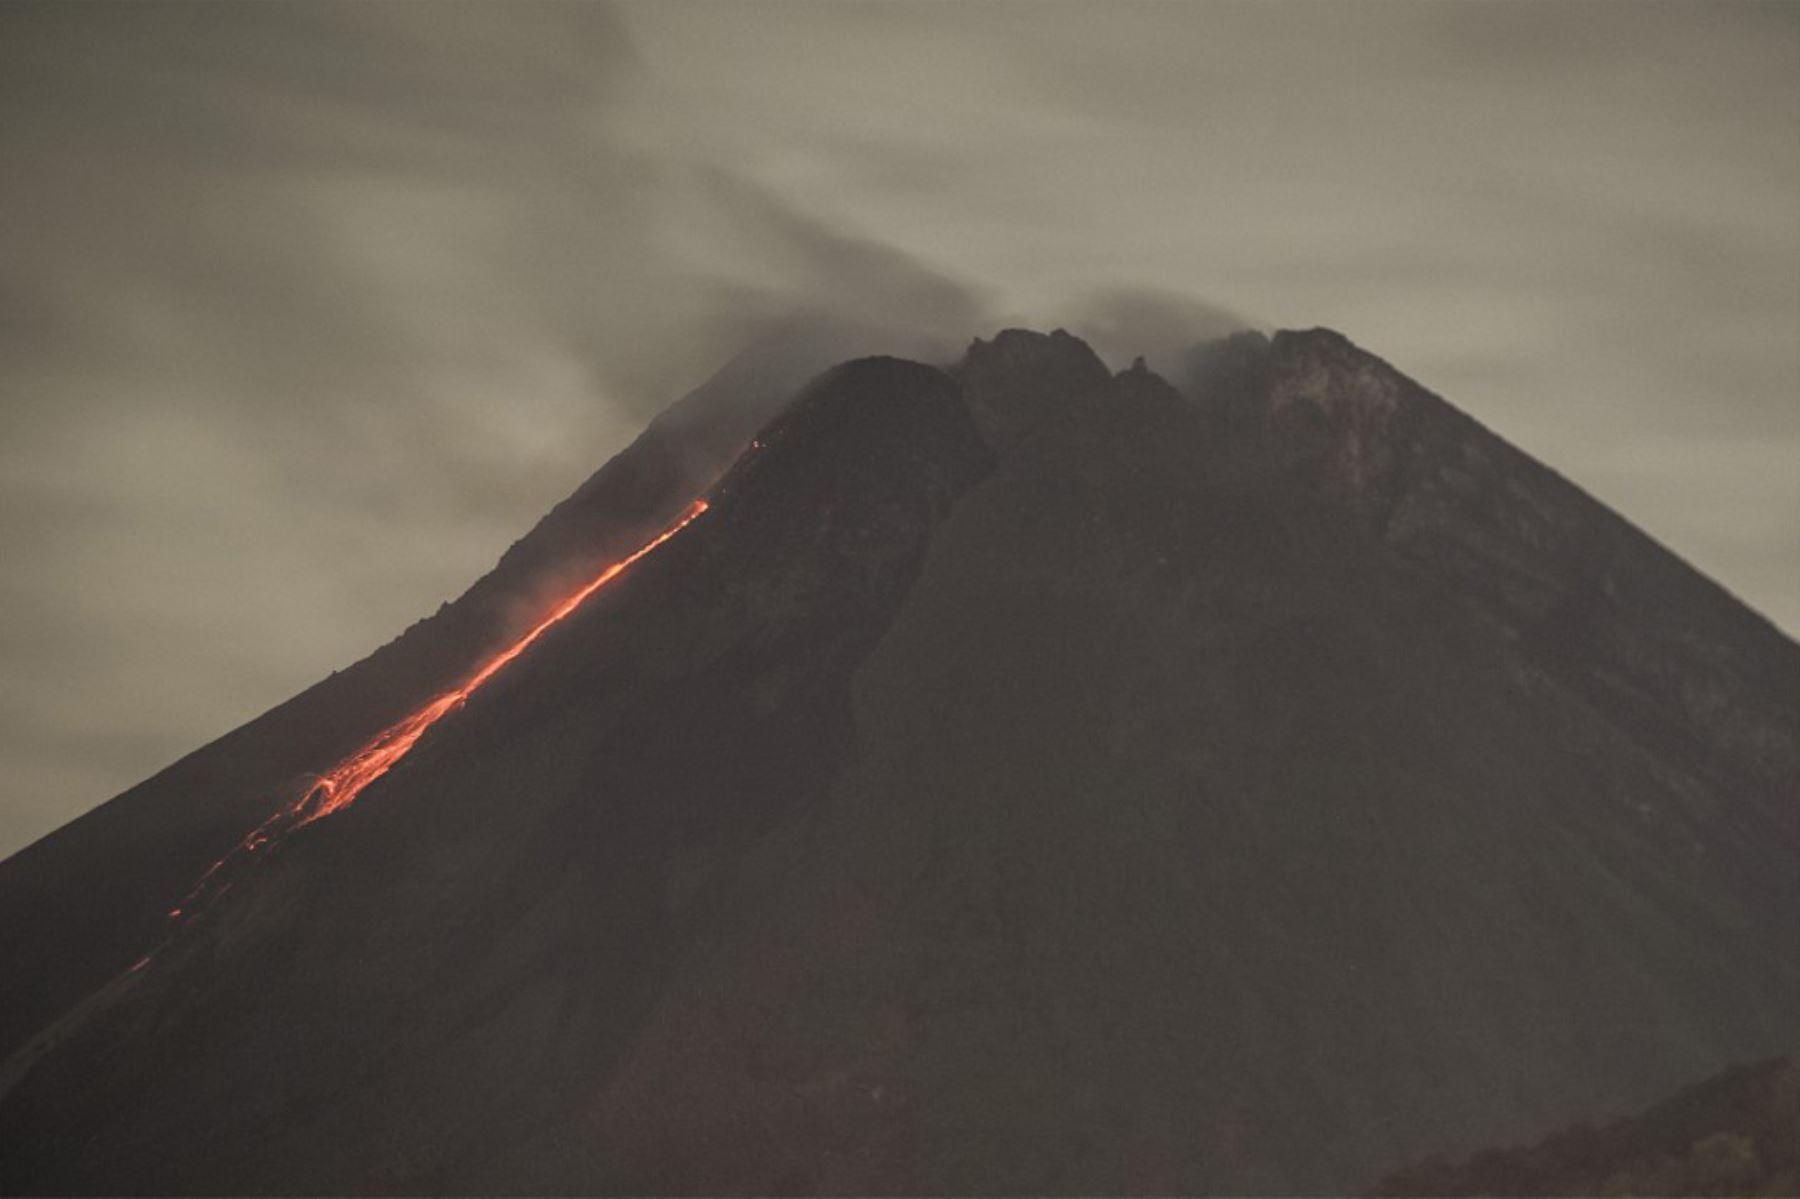 La lava fluye desde el cráter del monte Merapi, el volcán más activo de Indonesia, visto desde Sleman en Yogyakarta.  Foto: AFP